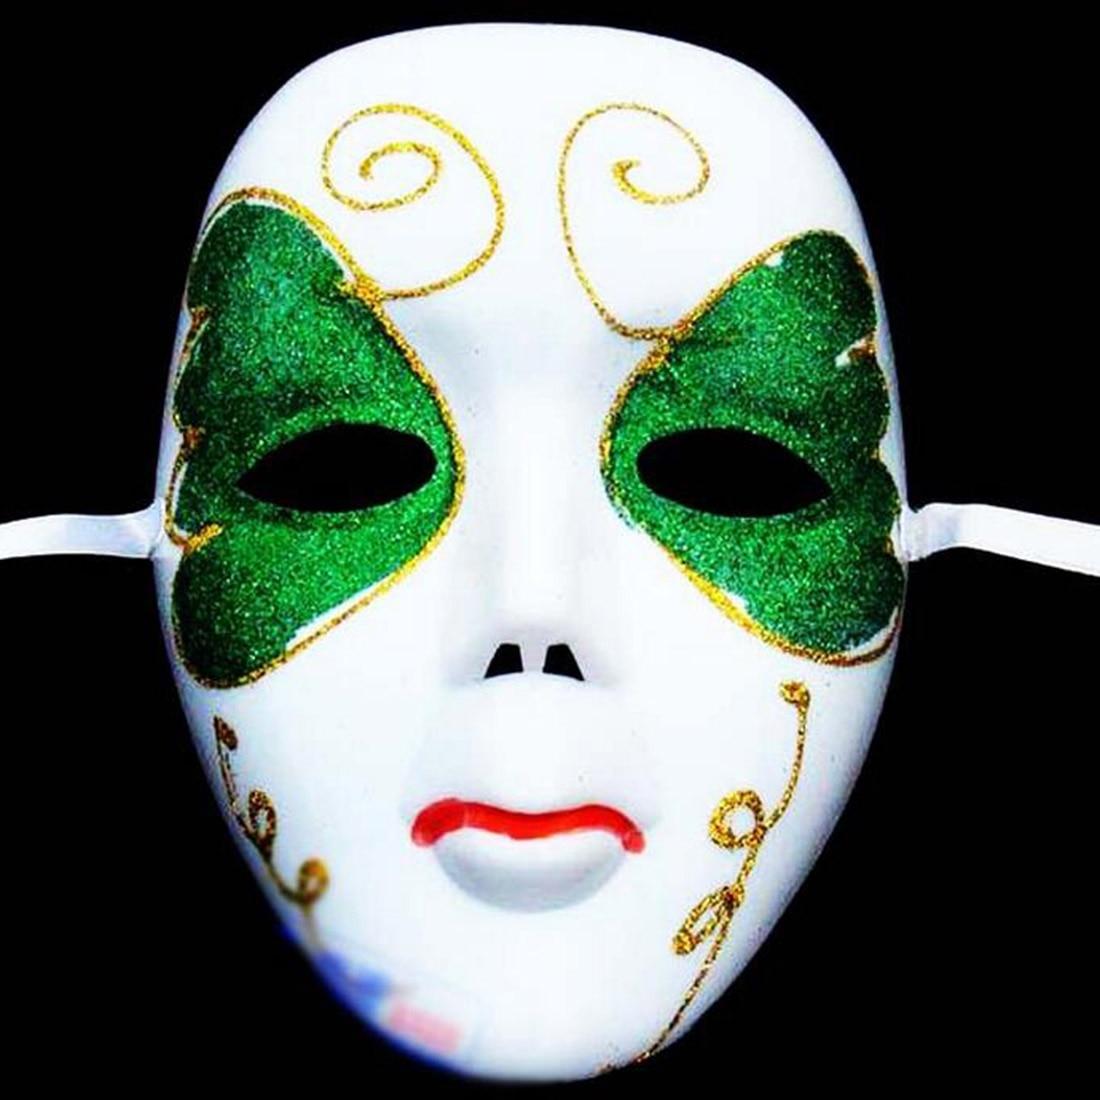 Diy Scary White Face Mask Halloween Masquerade Ball Party